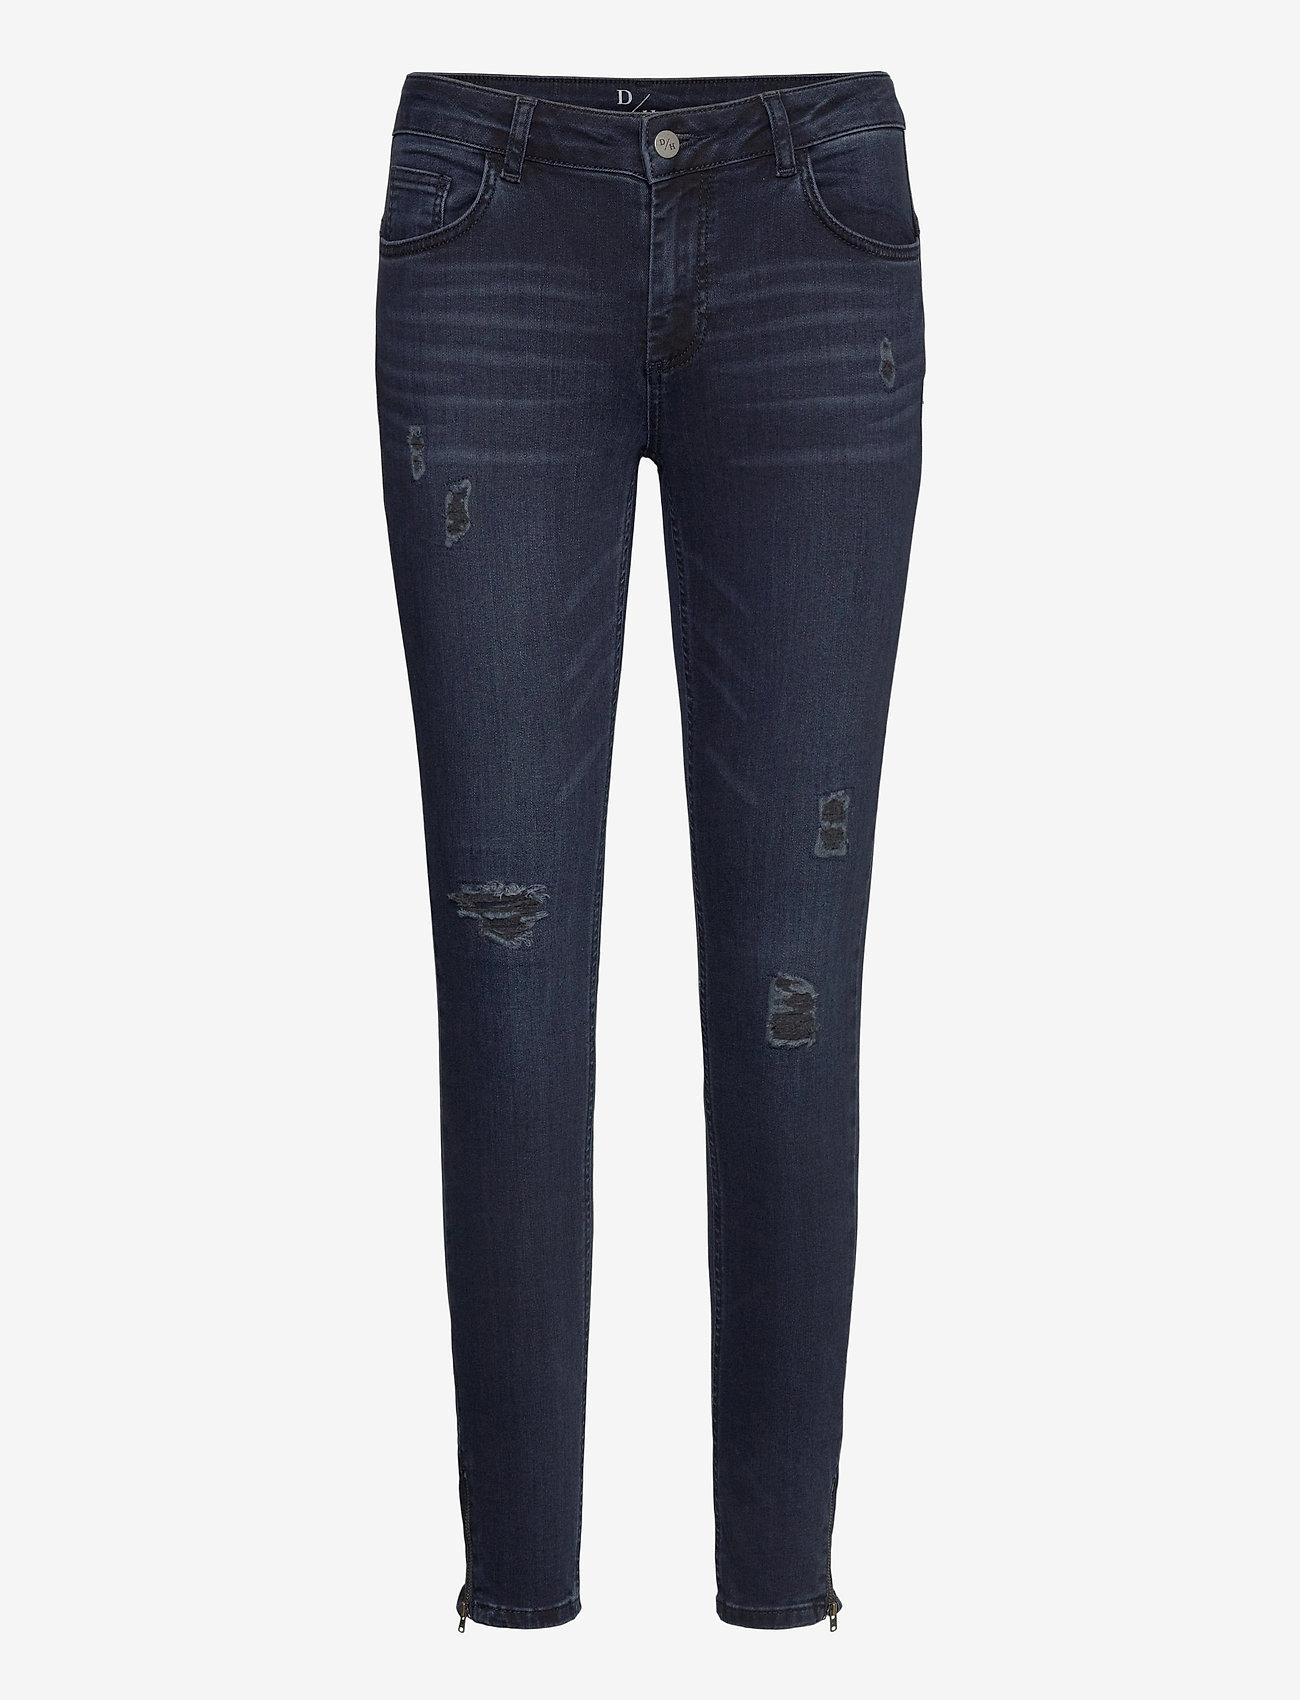 Denim Hunter - 40 THE CELINAZIP TORN CUSTOM - skinny jeans - dark blue wash - 0